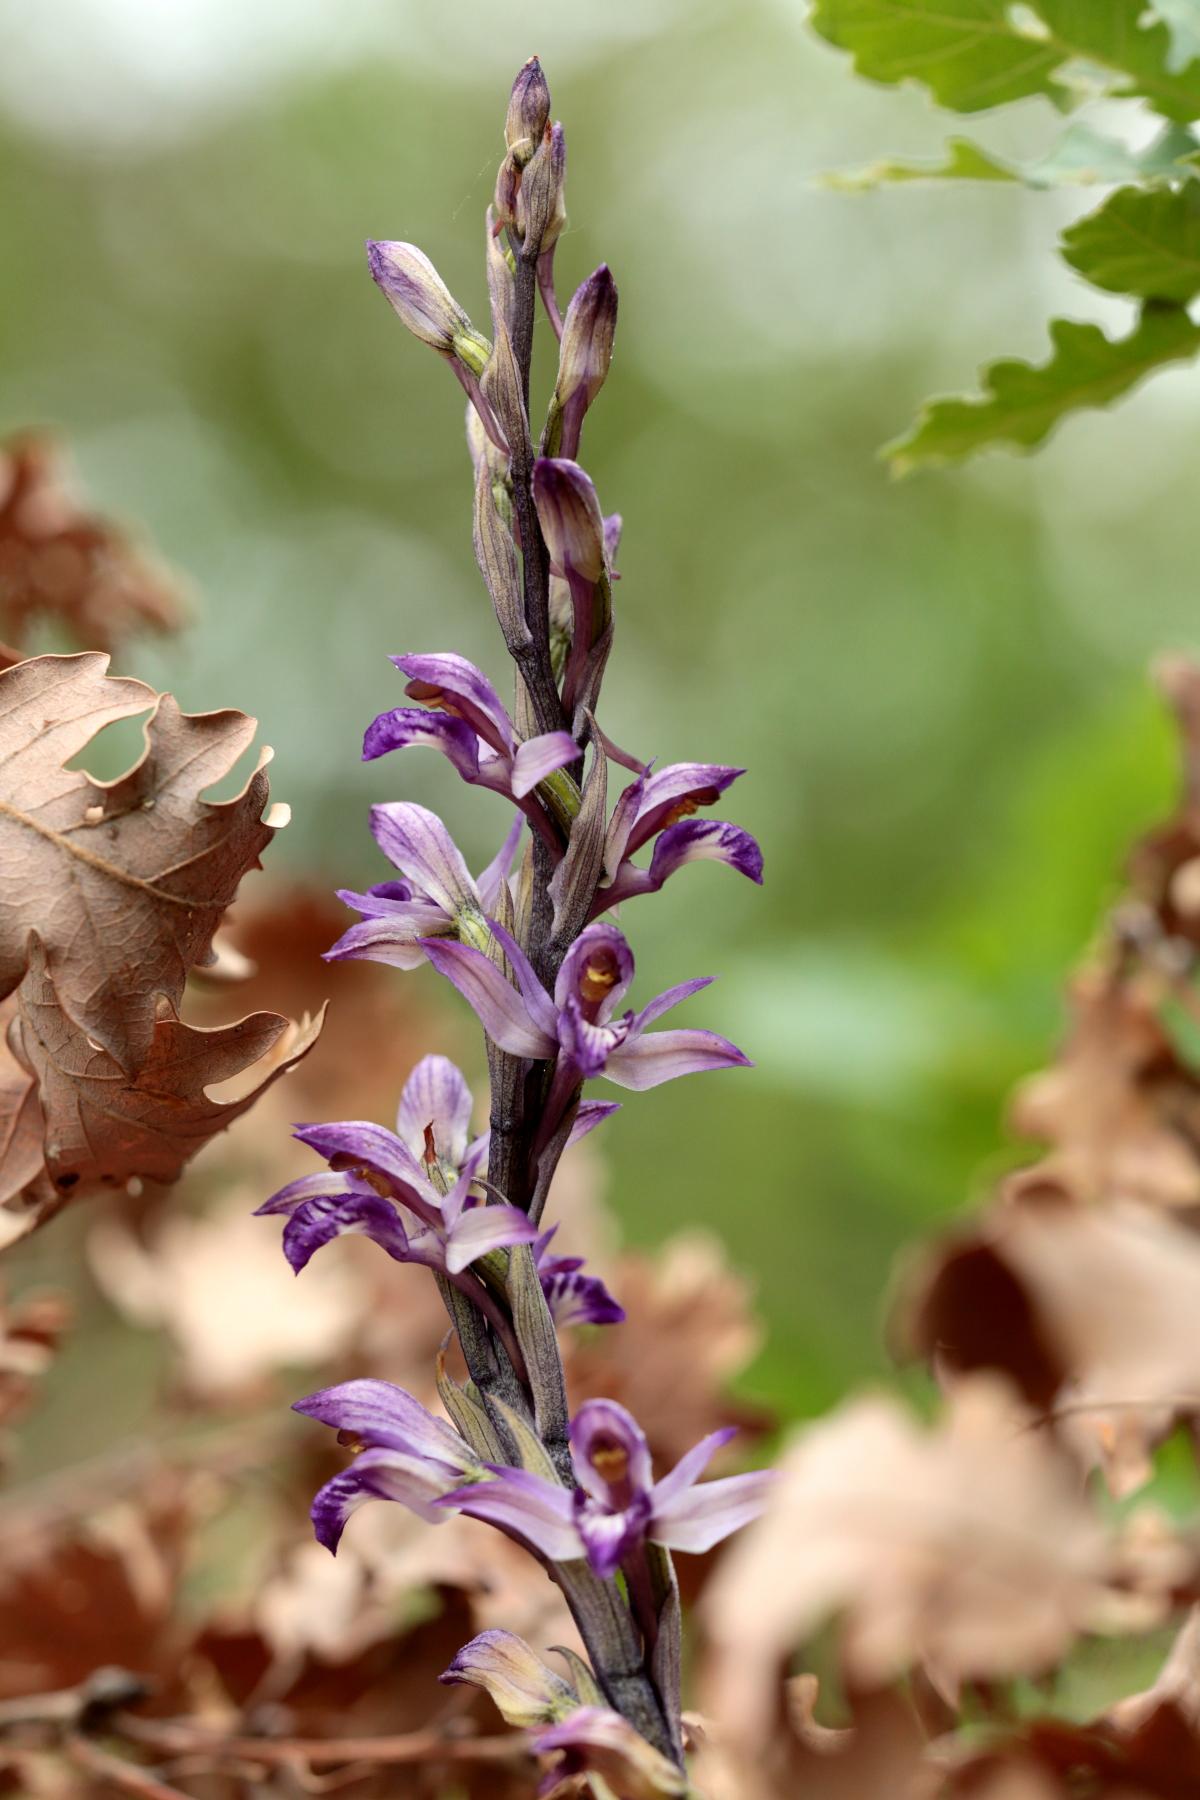 Limodore à feuilles avortées - Limodorum abortivum - Violet limodore